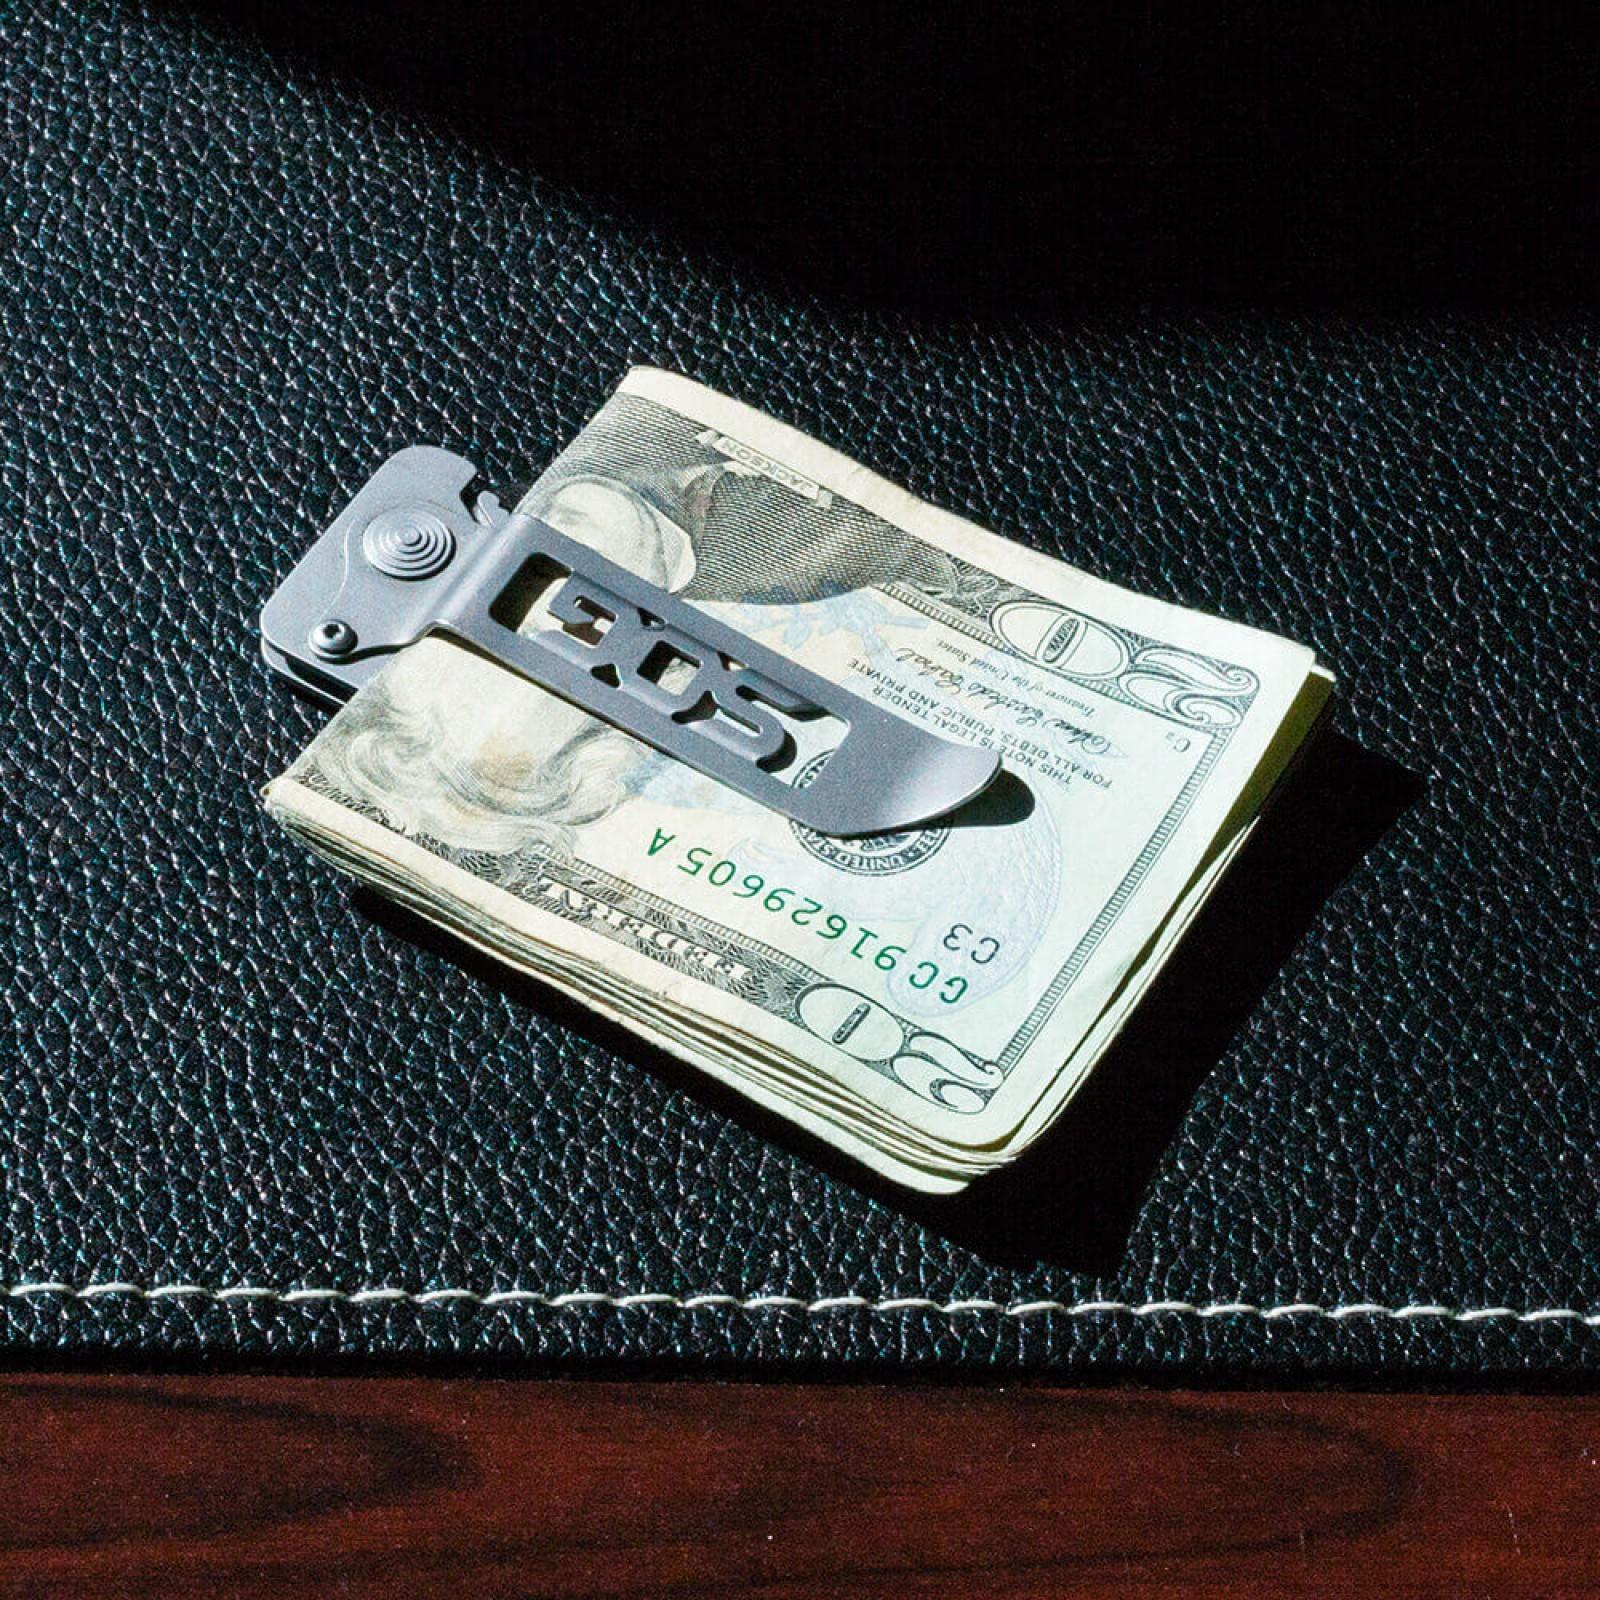 Фото 13 - Складной нож Cash Card Money Clip - SOG EZ1, сталь 8Cr13MoV, рукоять нержавеющая сталь, серебристый